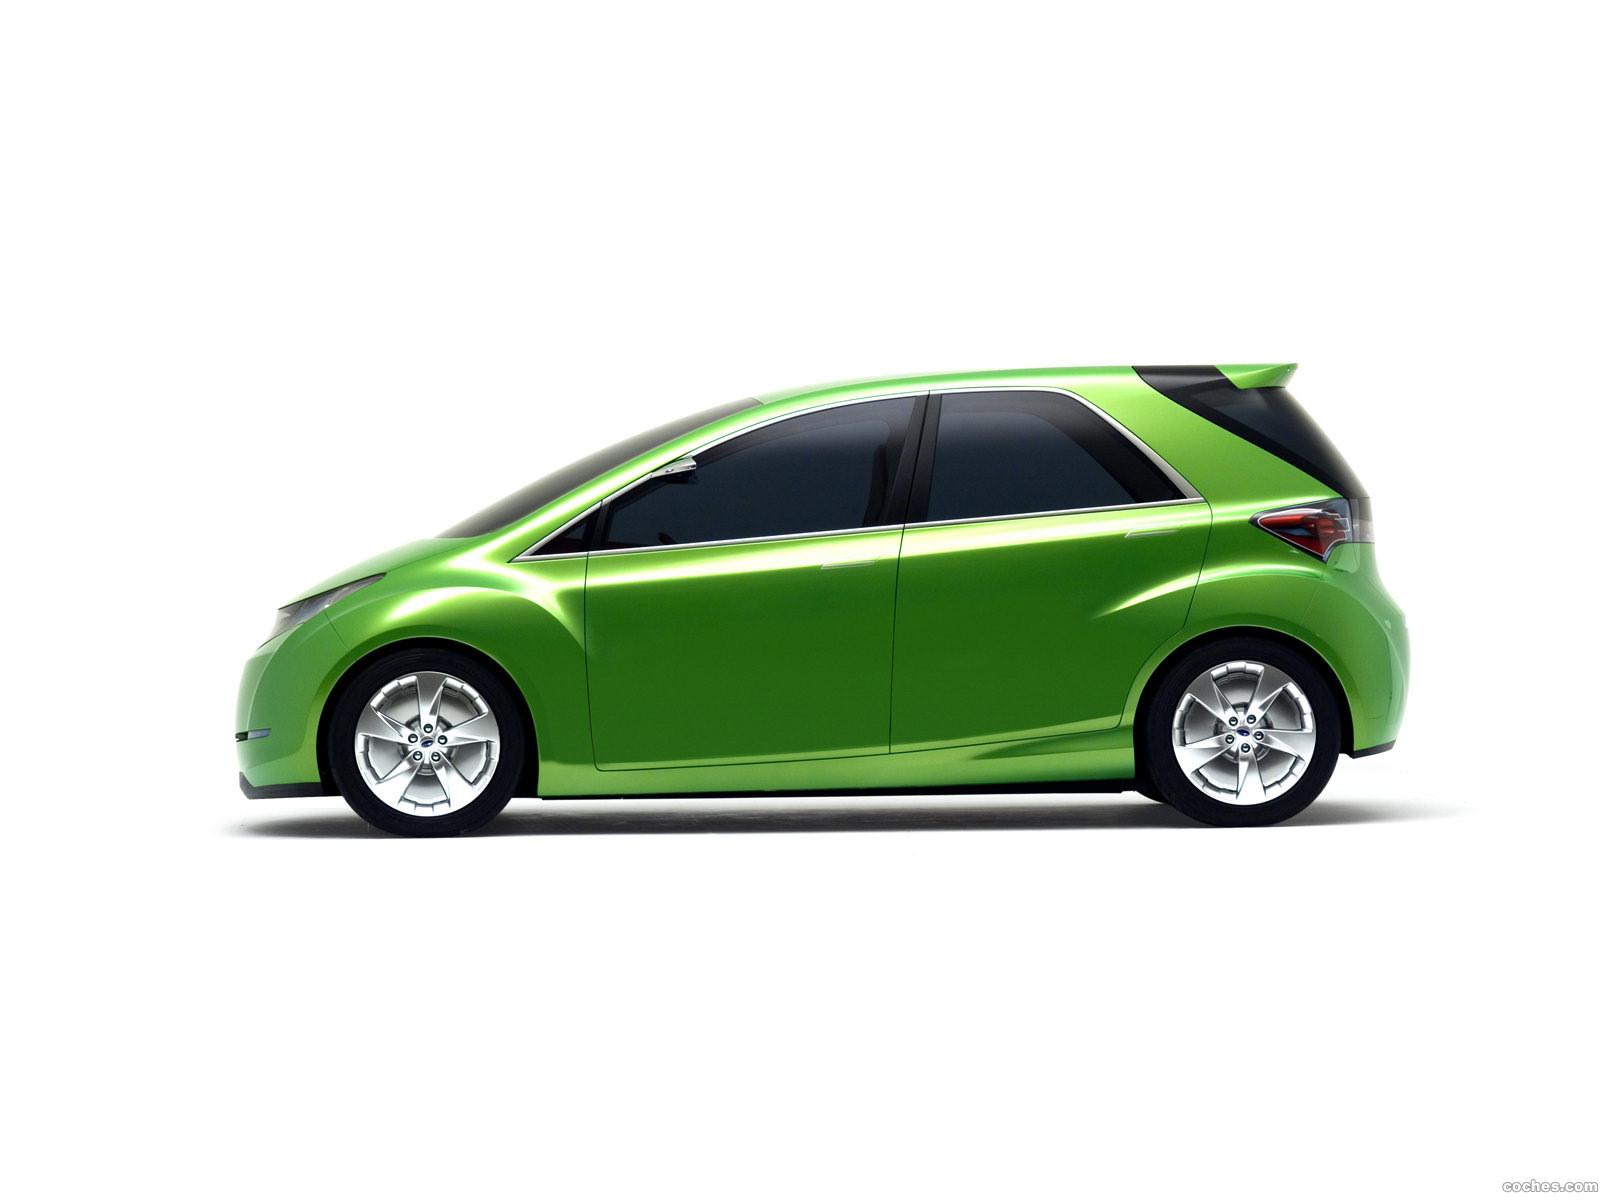 Foto 2 de Subaru G4E Concept 2007